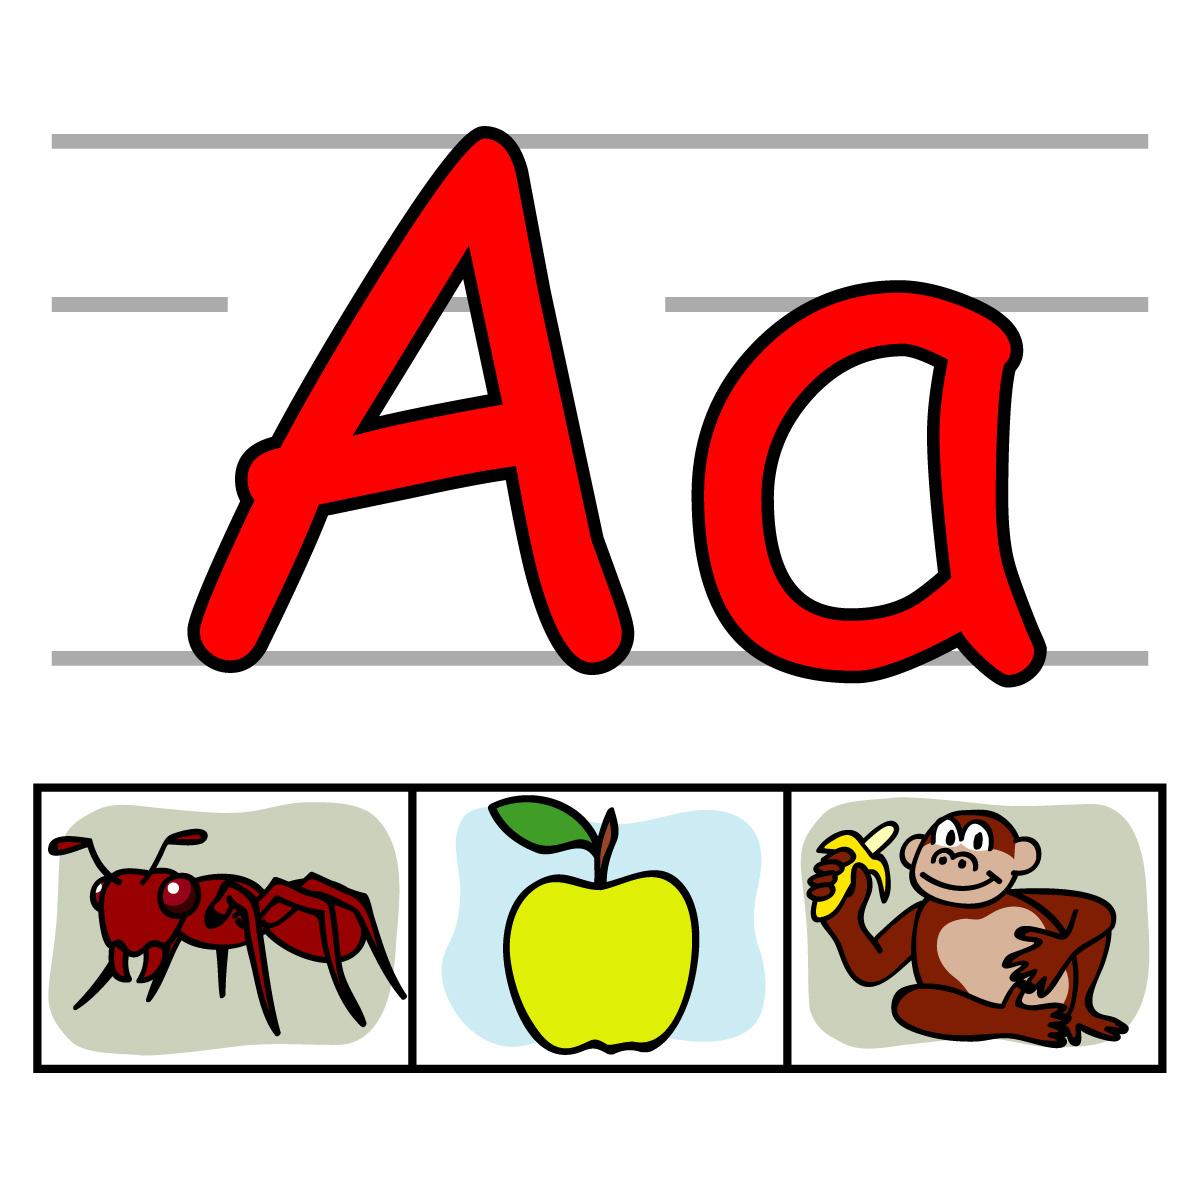 1200x1200 Image Of Alphabet Letter Clipart 9 Alphabet Letters Clip Art